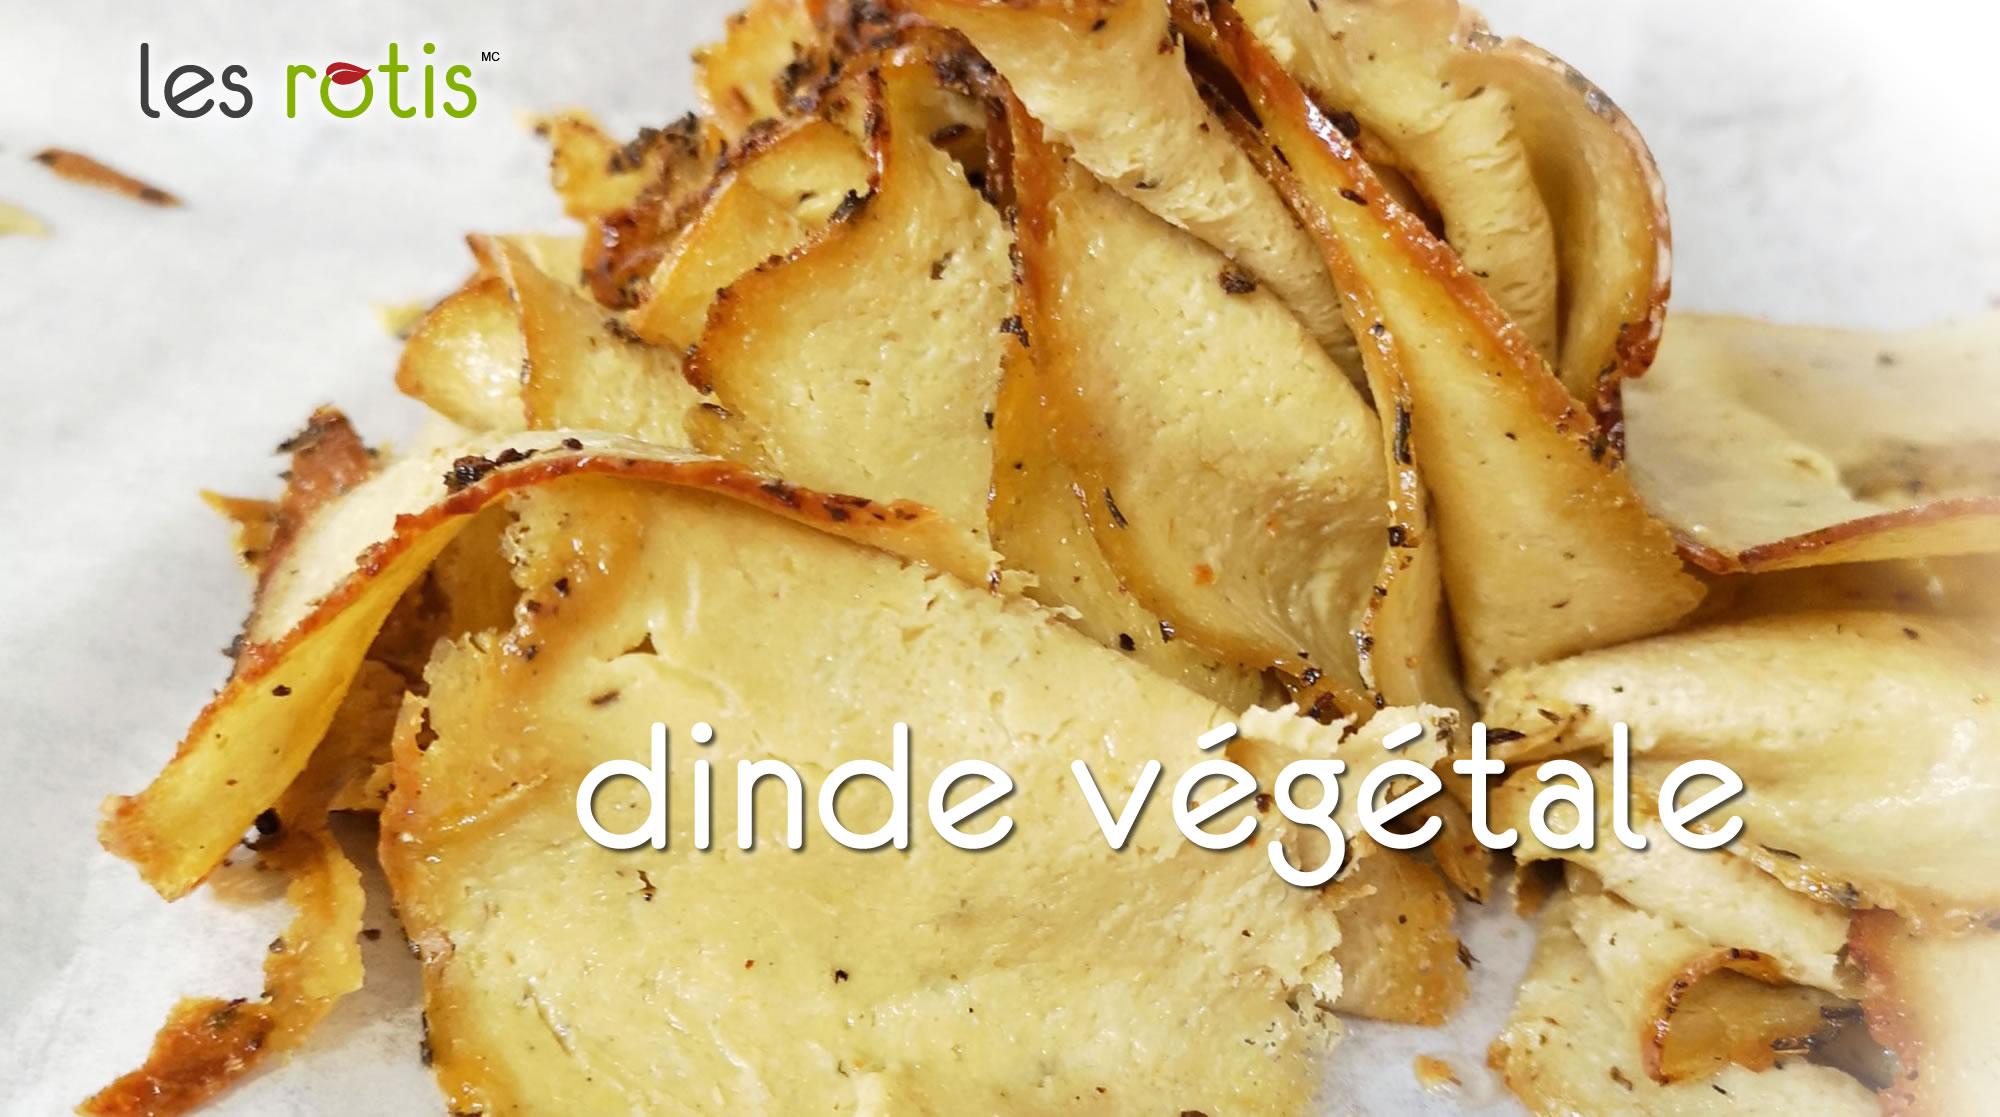 dinde vegetale - Contact